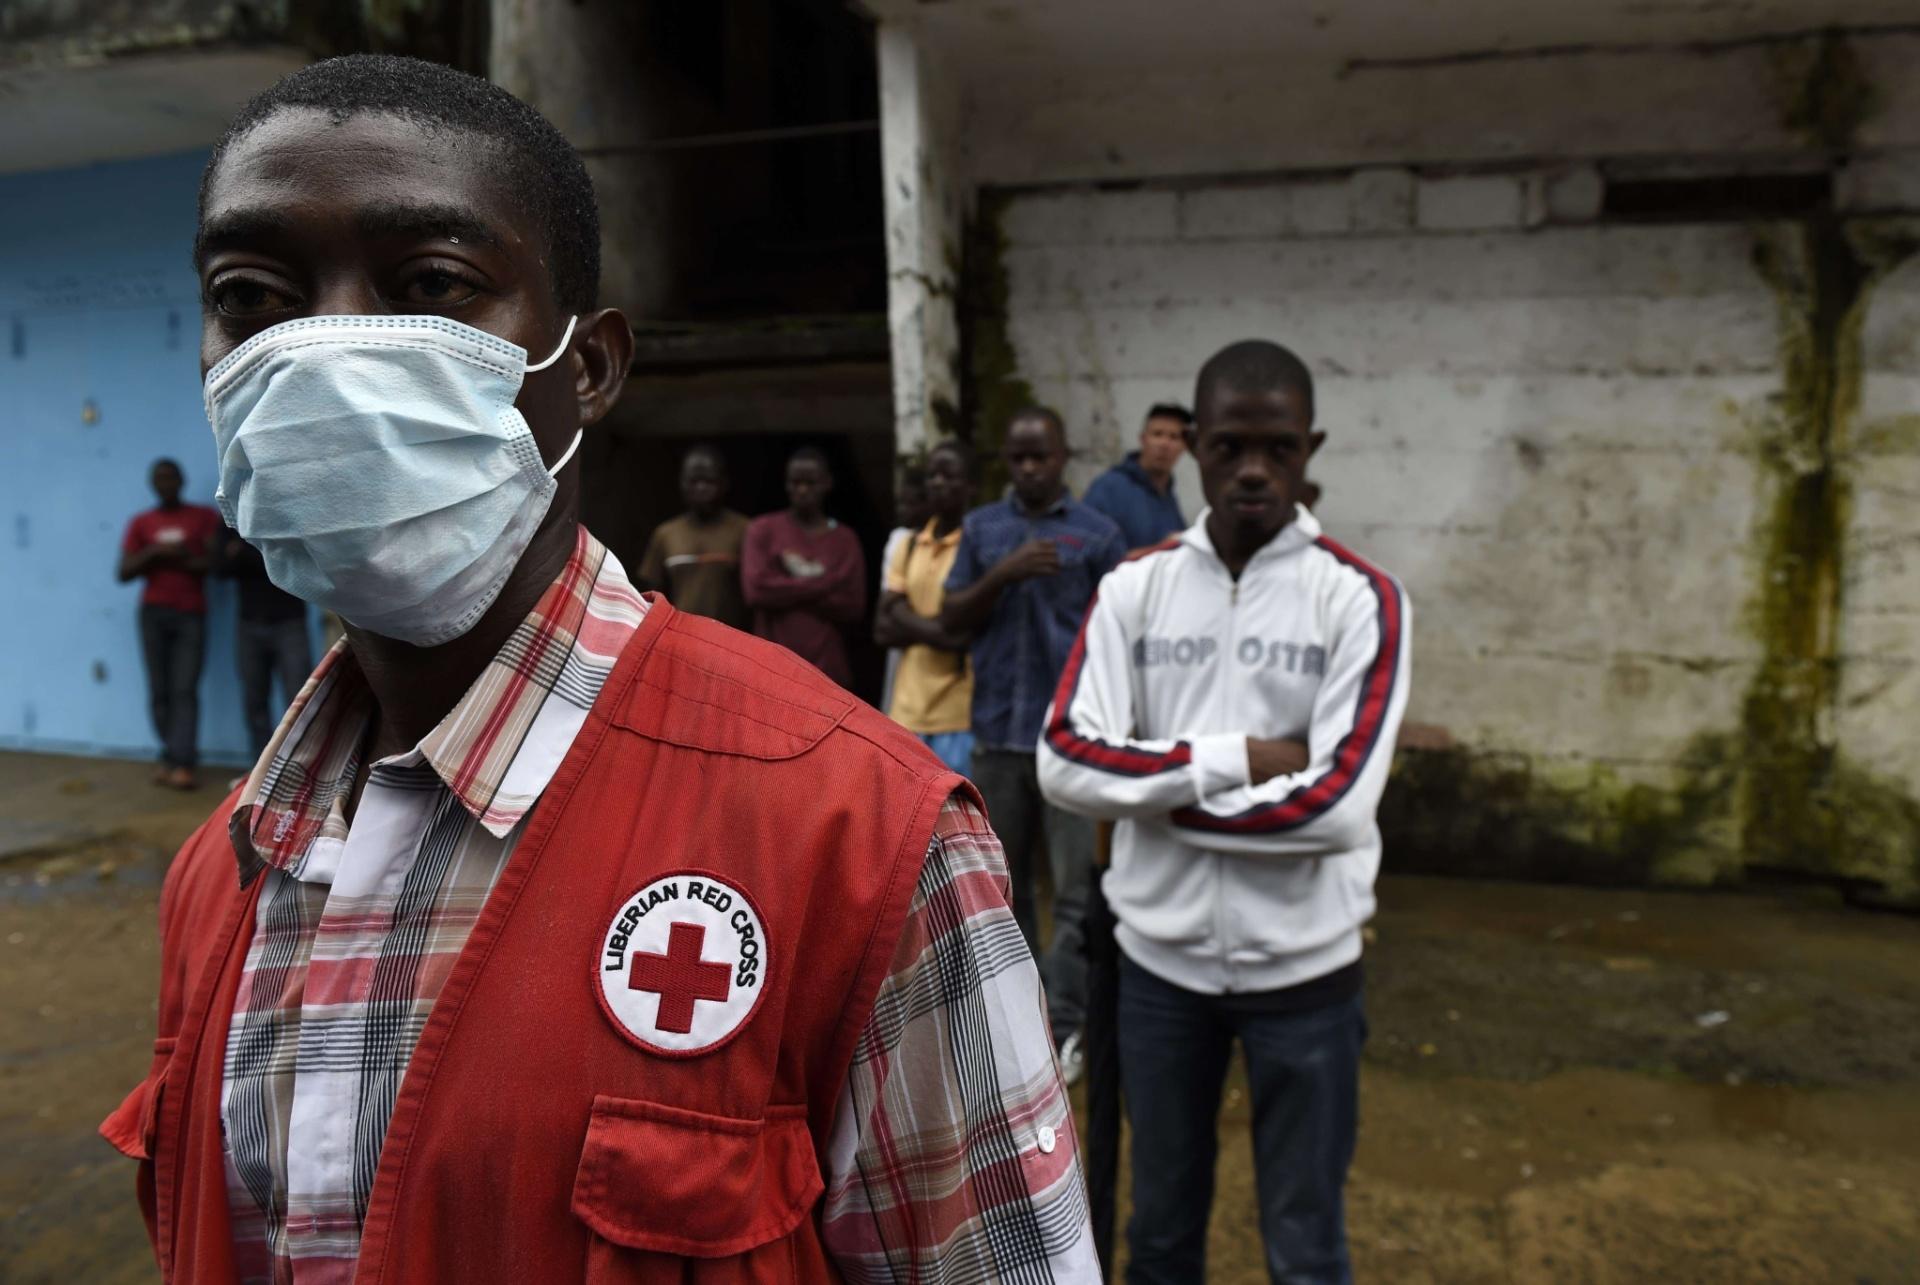 3.out.2014 - Funcionário da equipe da Cruz Vermelha procura pessoas mortas em Monrovia, capital da Libéria. O vírus paralisou os já fracos serviços de saúde do país e matou 89 trabalhadores de saúde. A Libéria registra mais da metade das mortes por ebola